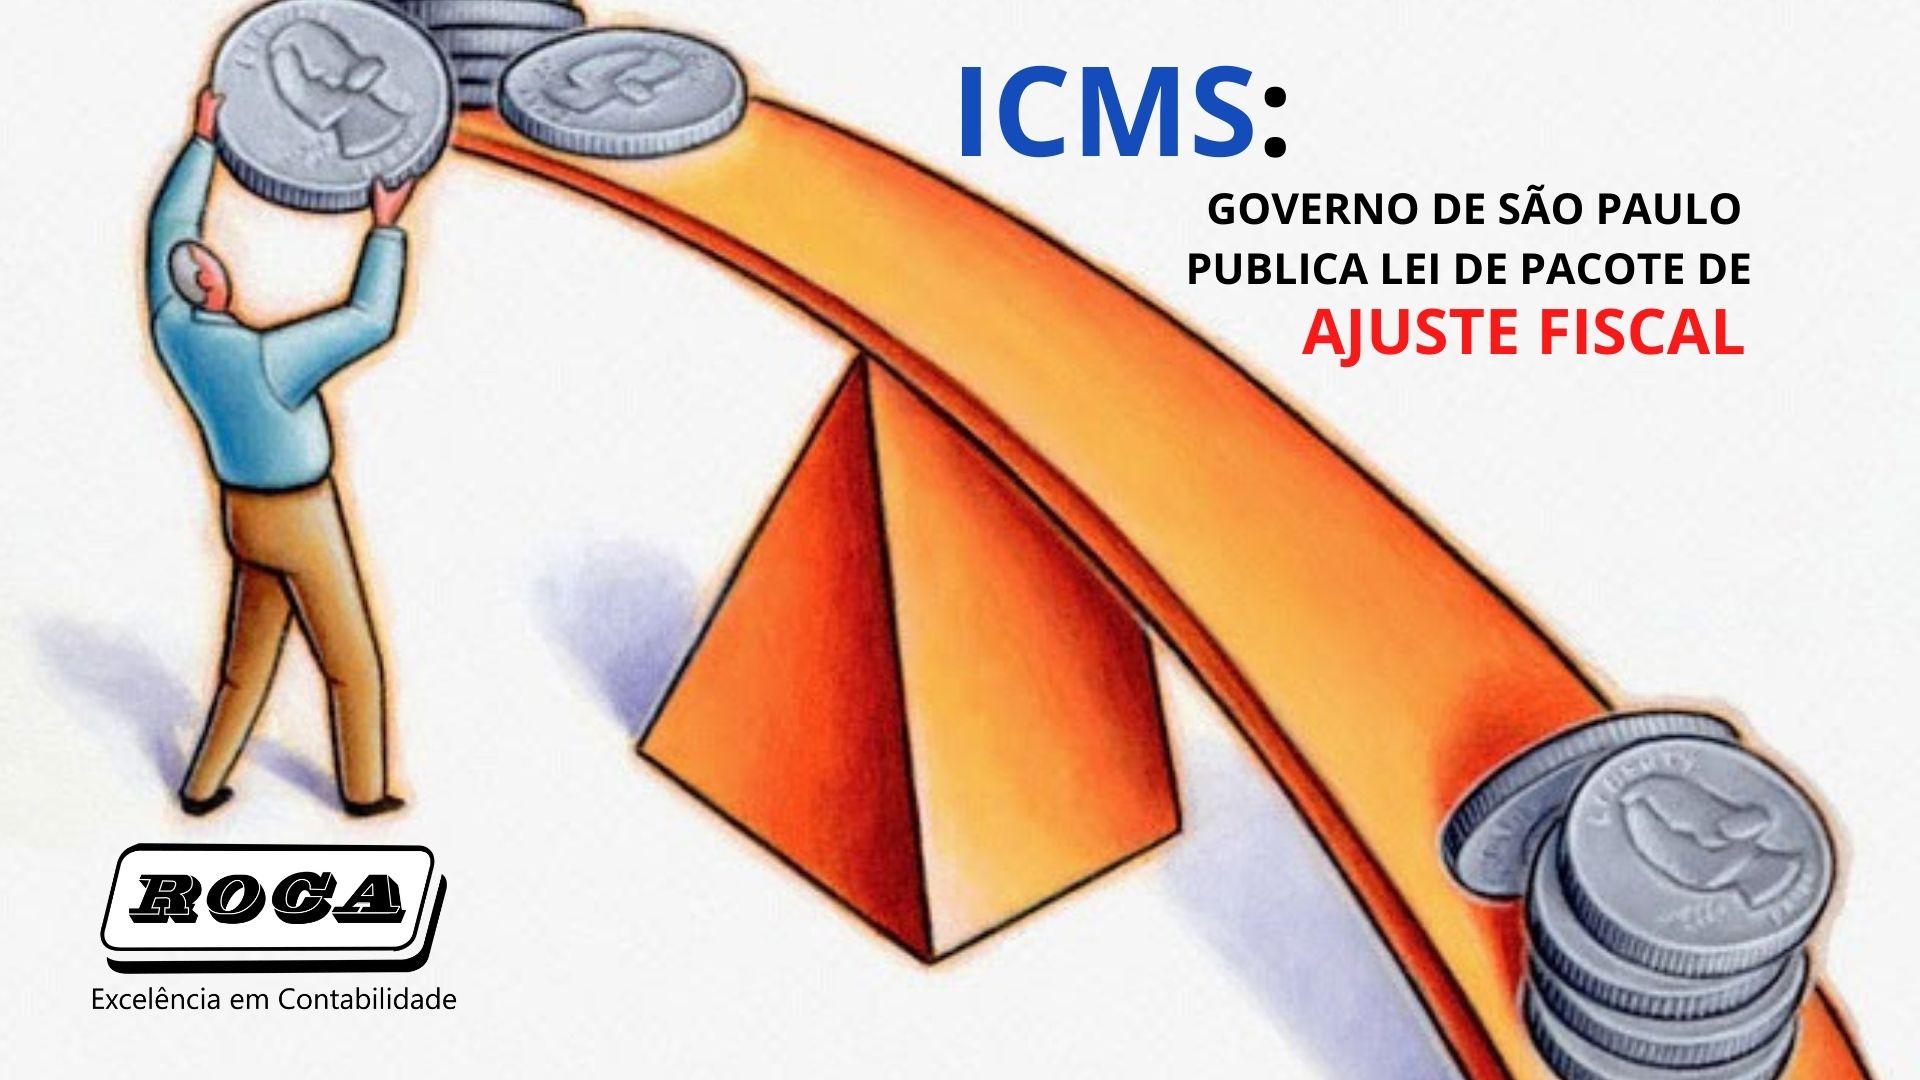 ICMS: GOVERNO DE SÃO PAULO PUBLICA LEI DE PACOTE DE AJUSTE FISCAL